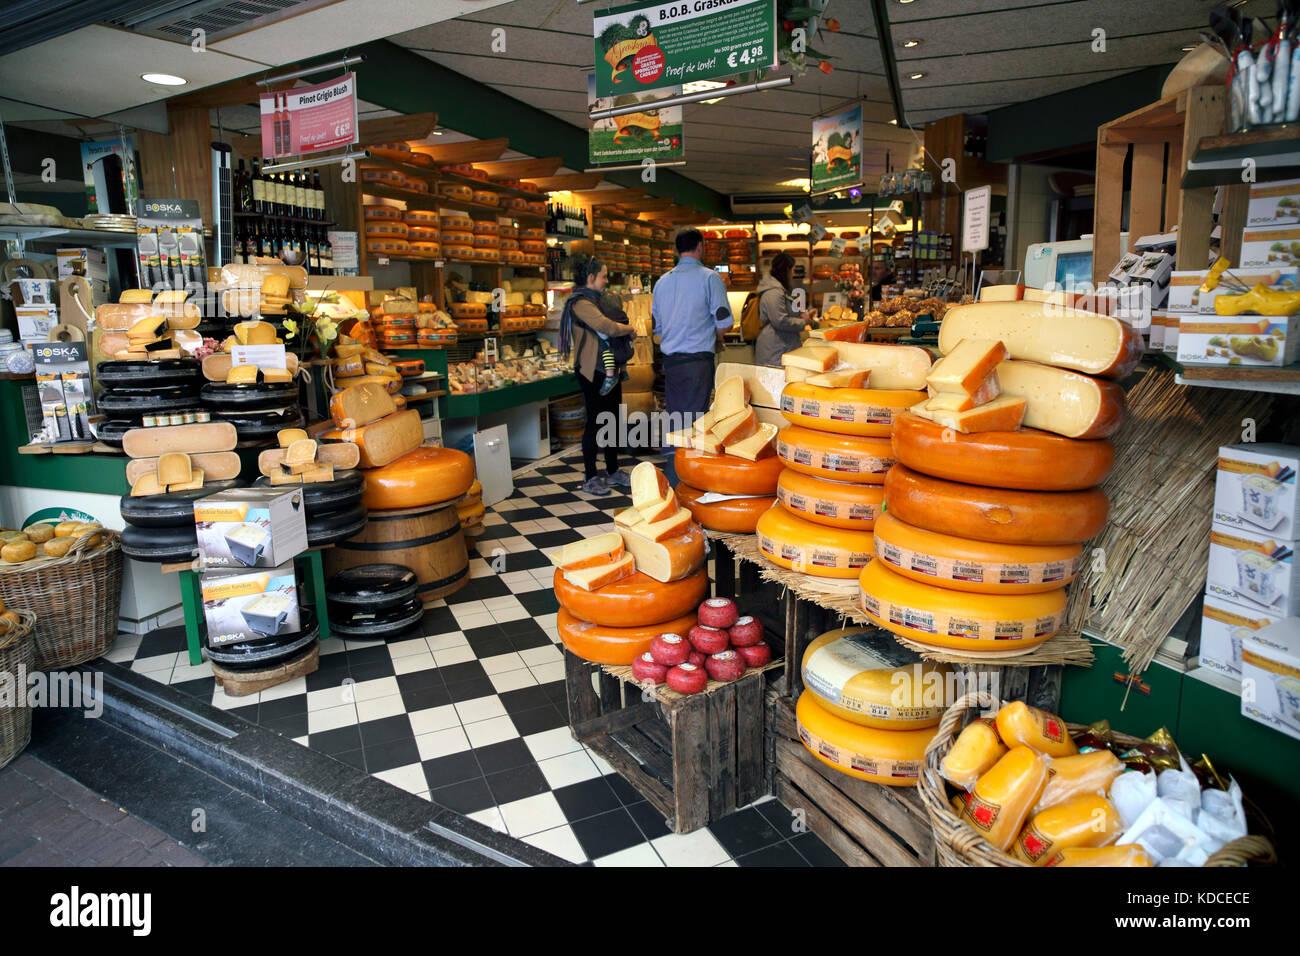 Il formaggio delle ruote sul display al di fuori del Kaashuis Tromp negozio di formaggi, Haarlem, Paesi Bassi Immagini Stock